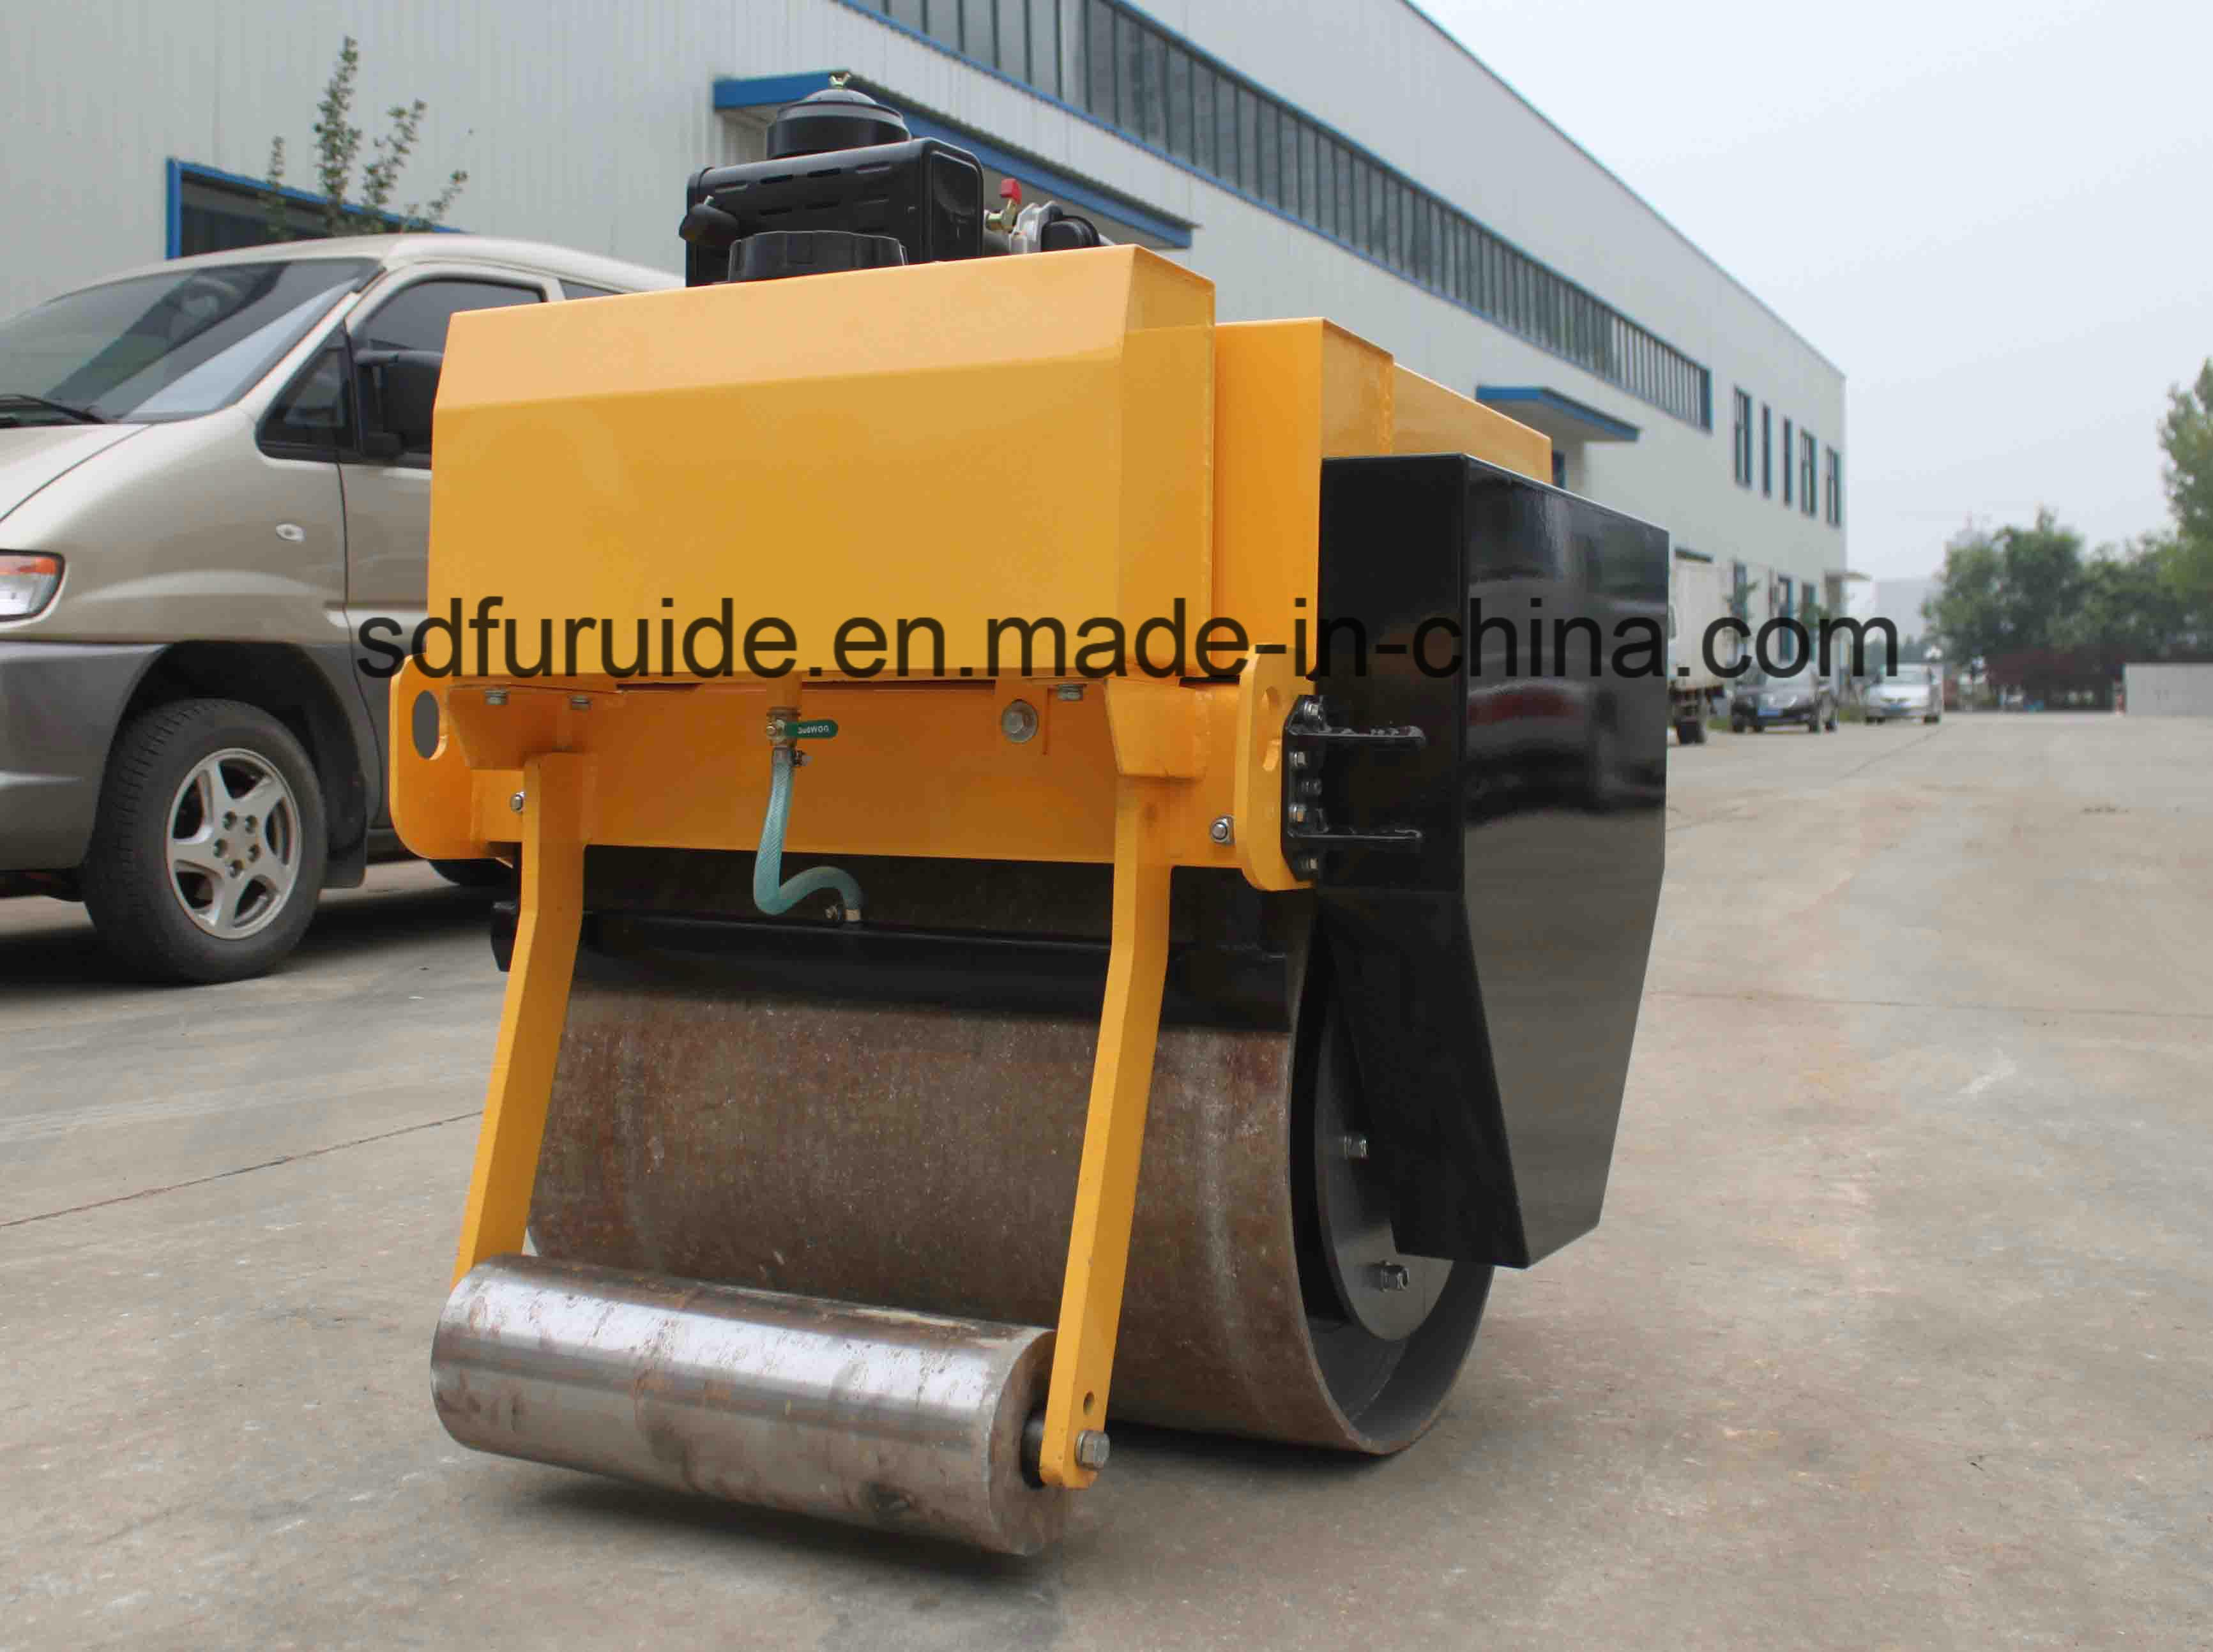 Manual Vibration Single Drum Roller for Asphalt Paving Work (FYL-700)